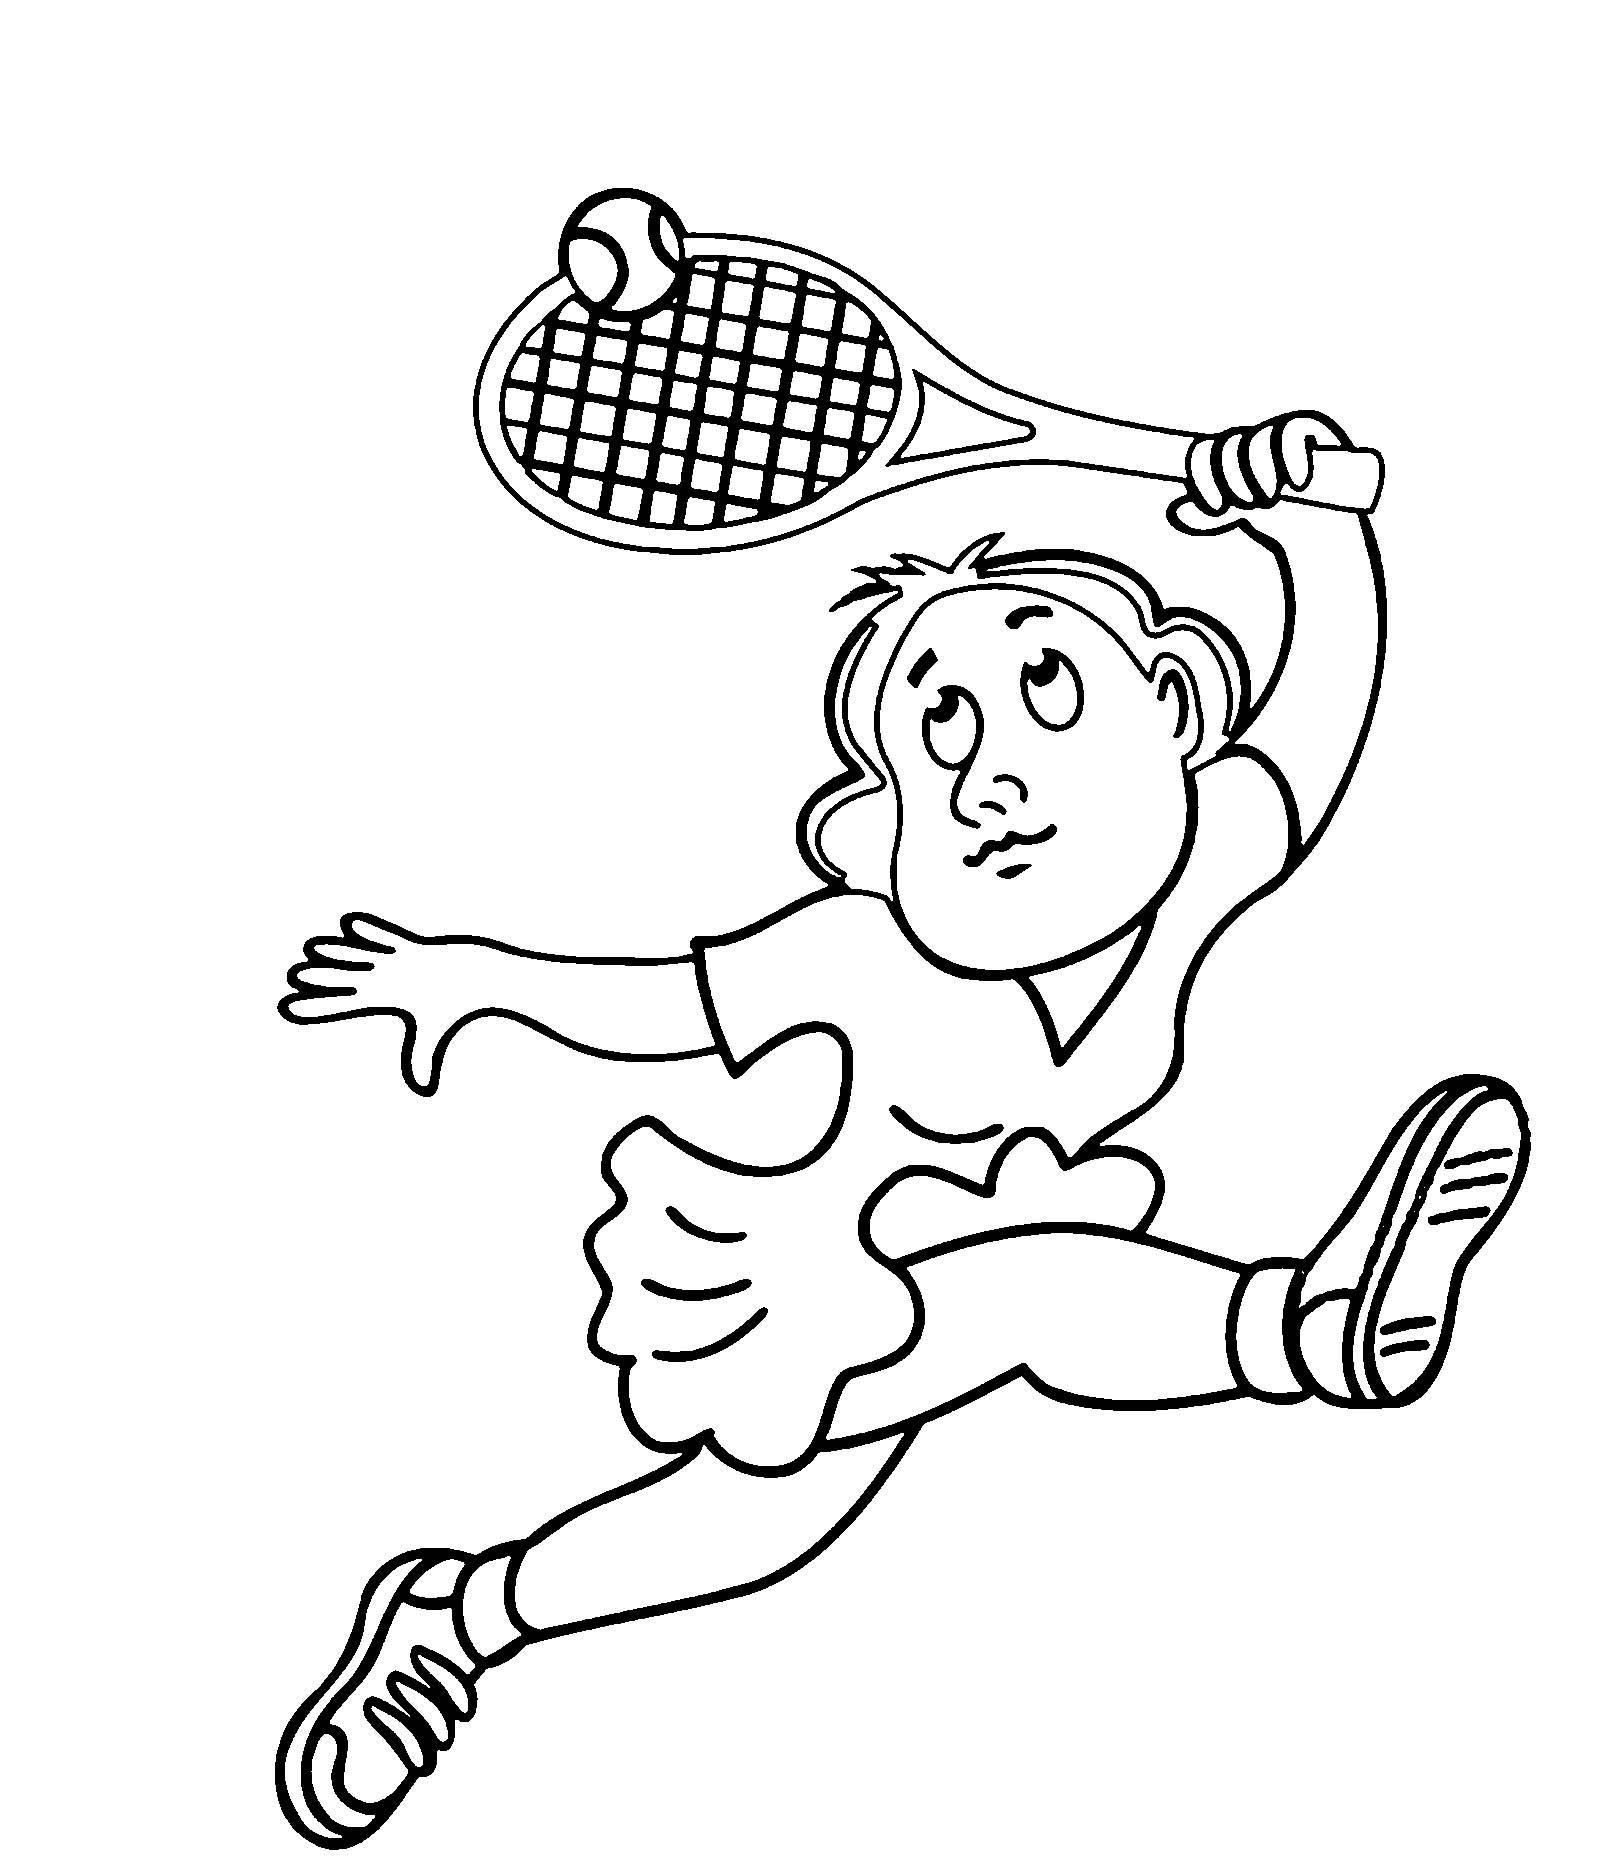 Я выбираю спорт рисунки теннис